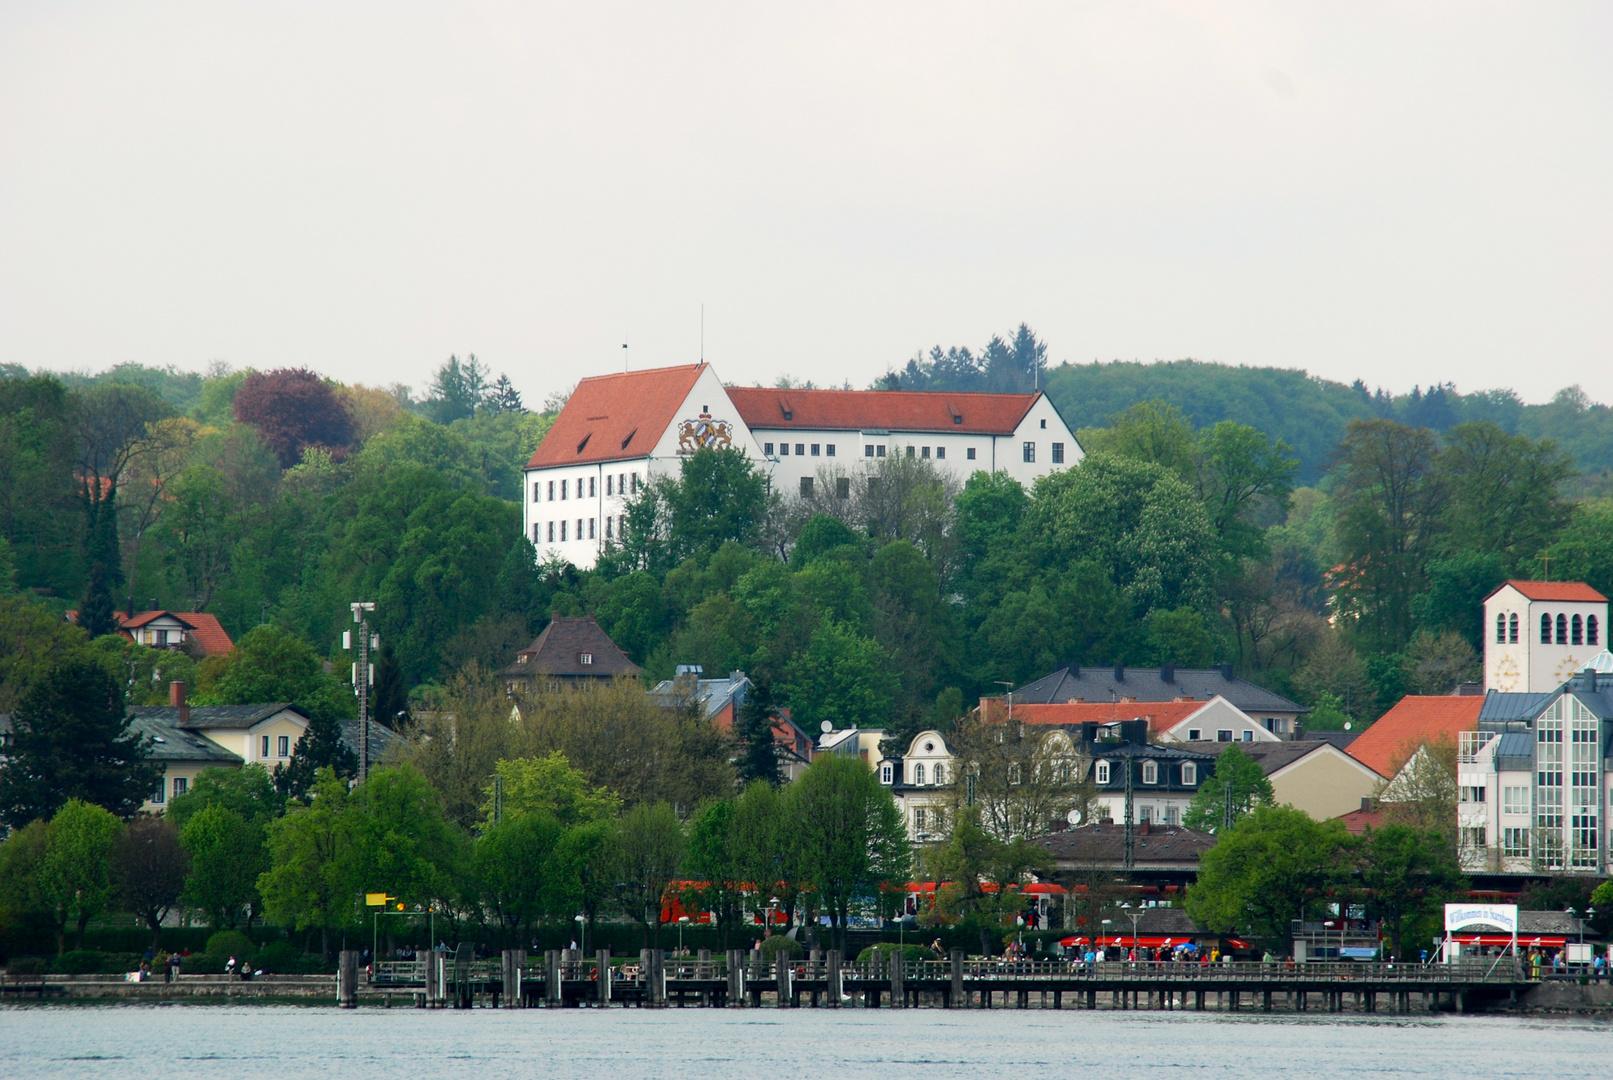 Blick auf die Uferpromenade